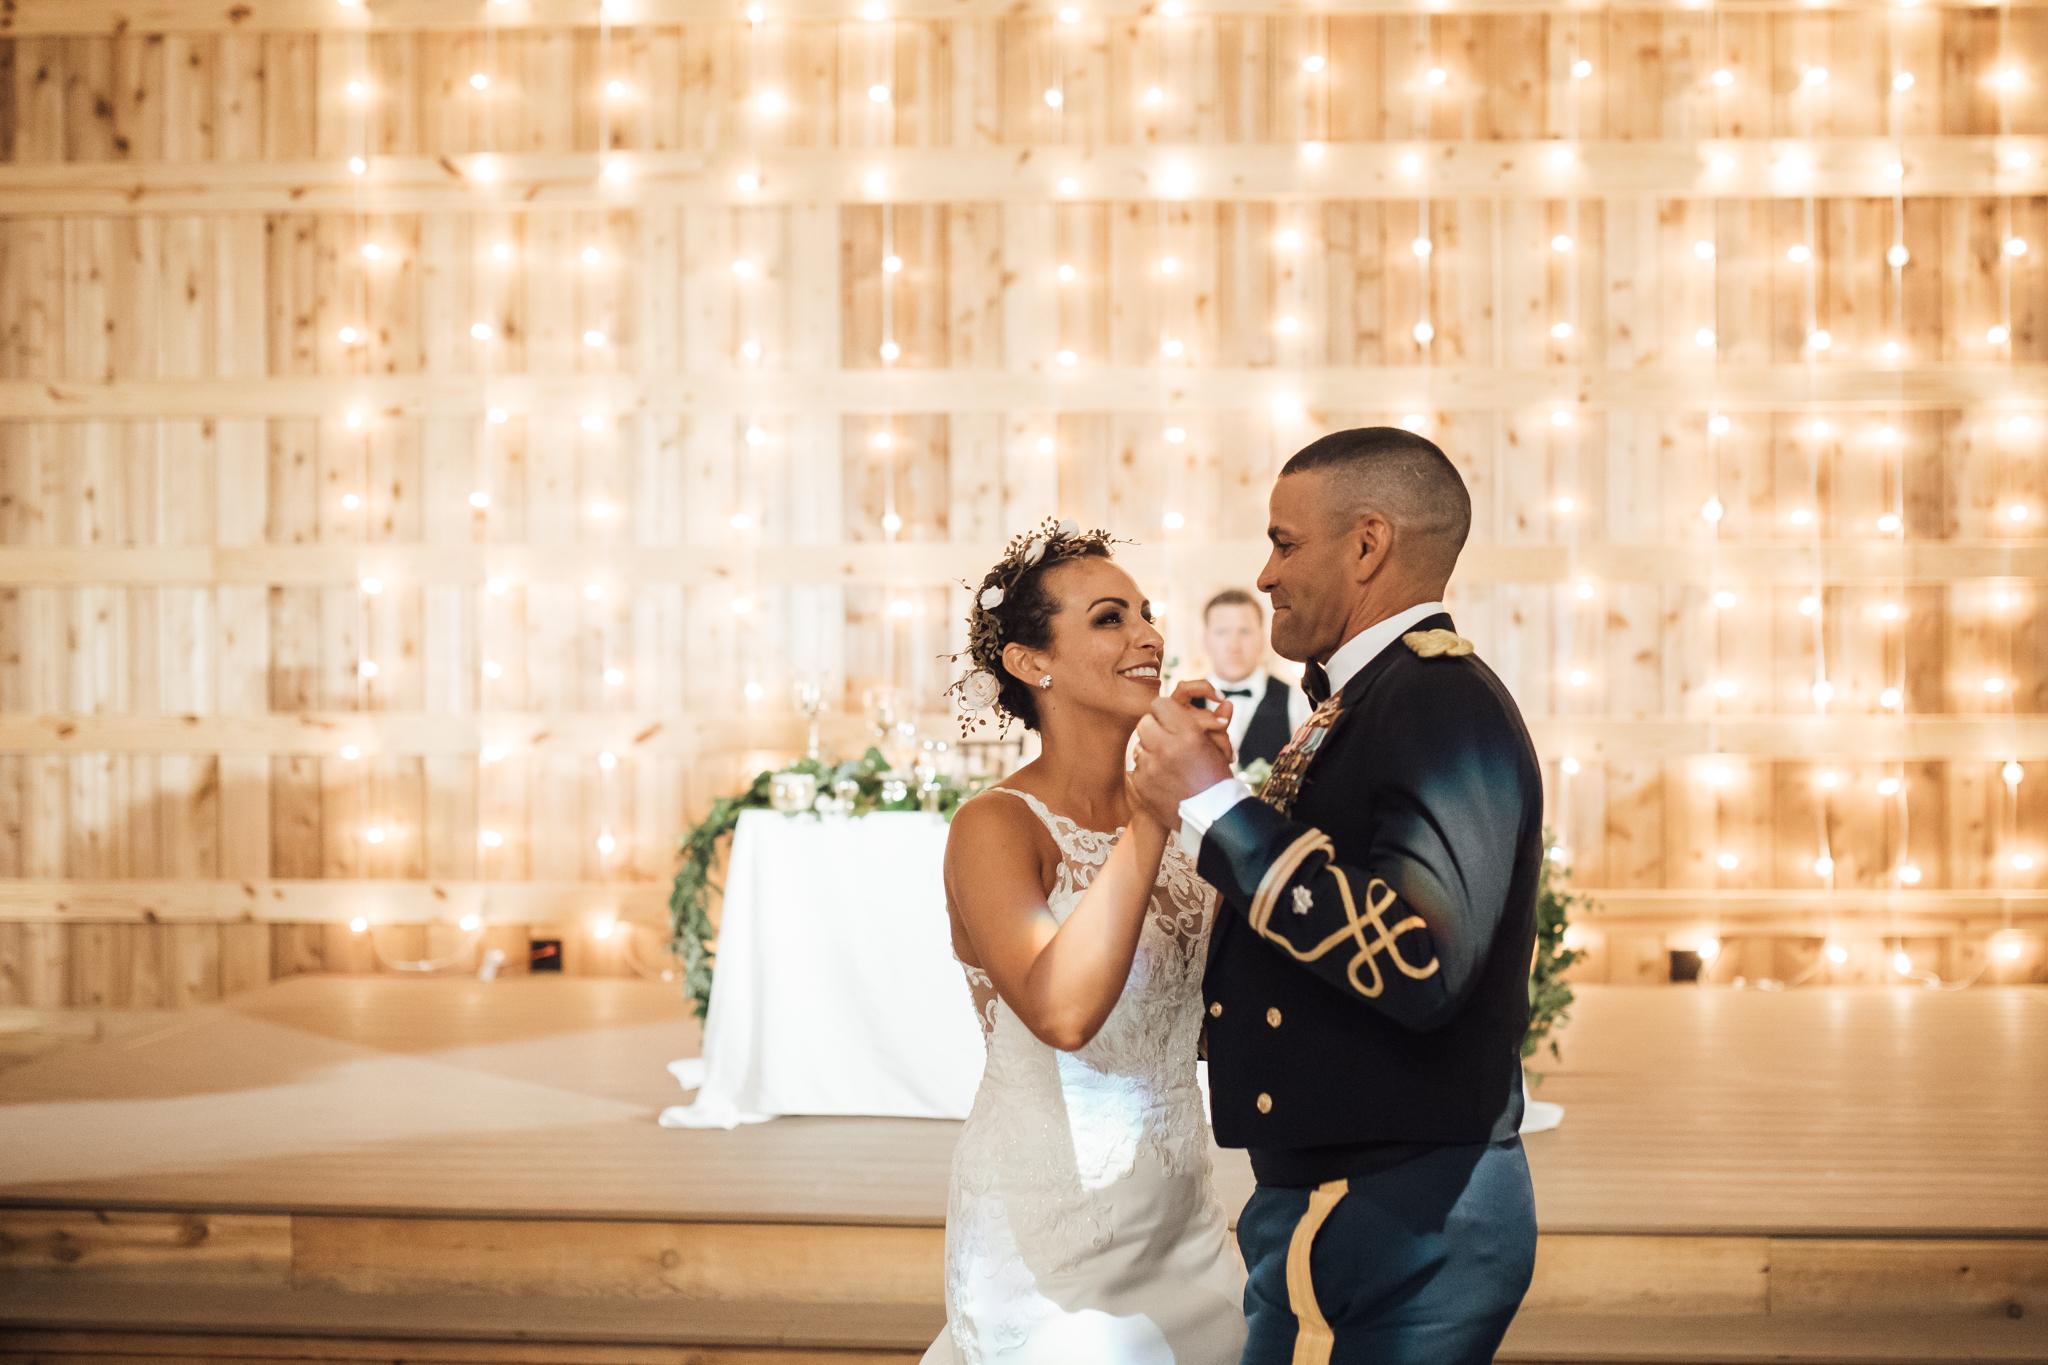 saddlewoodsfarms-nashville-wedding-photographer-thewarmtharoundyou-rustic-wedding (73 of 251).jpg